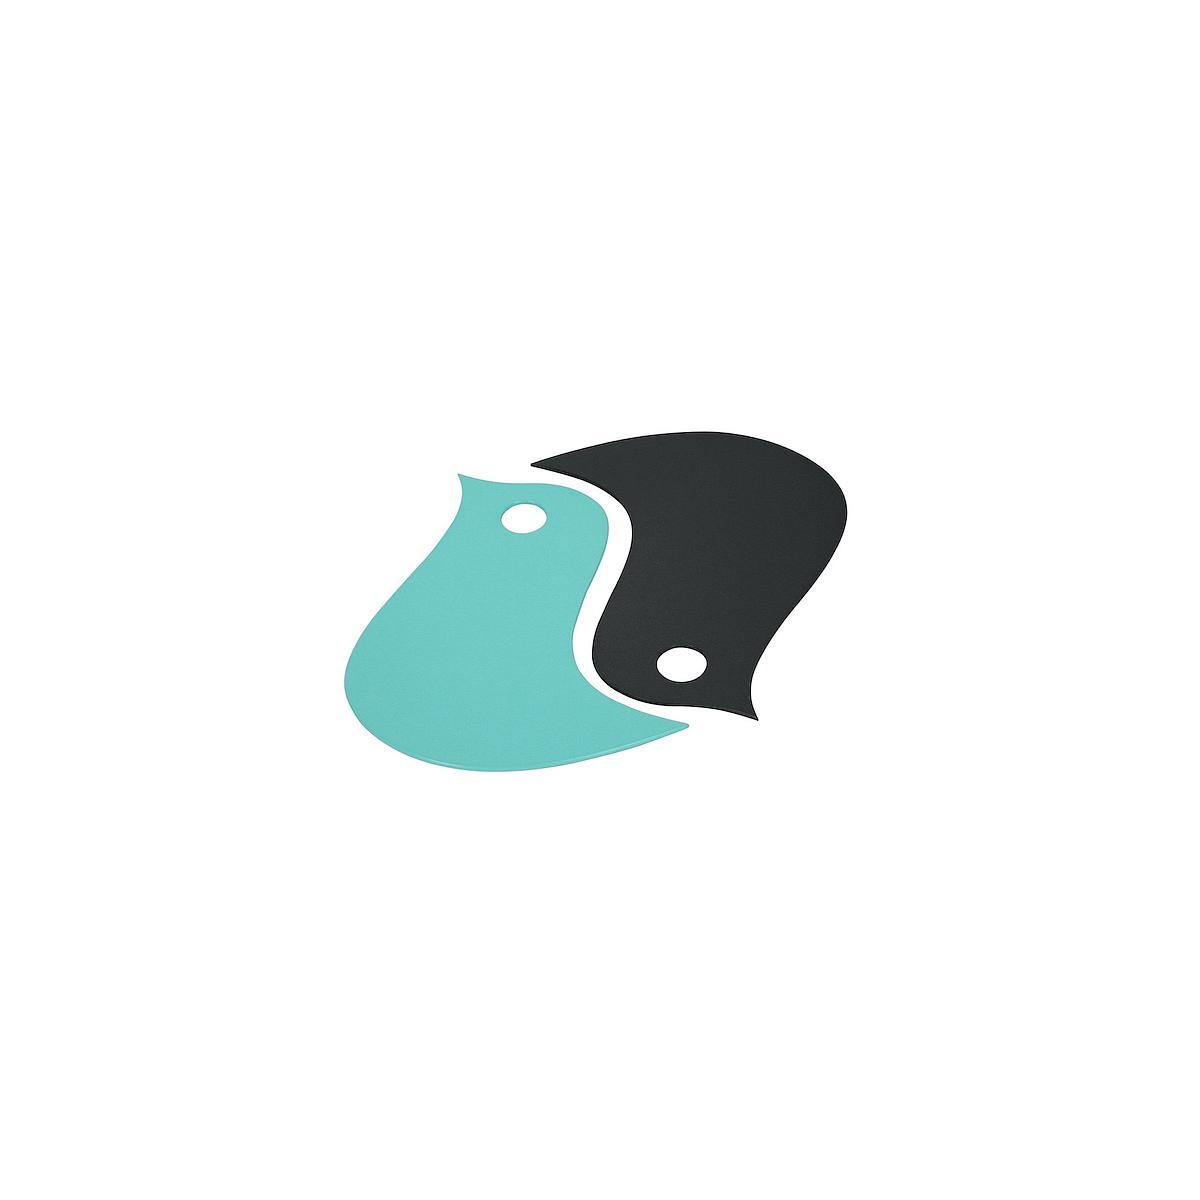 OISEAUX  by Fermob by Fermob Dessous de plat bleu lagune/carbone